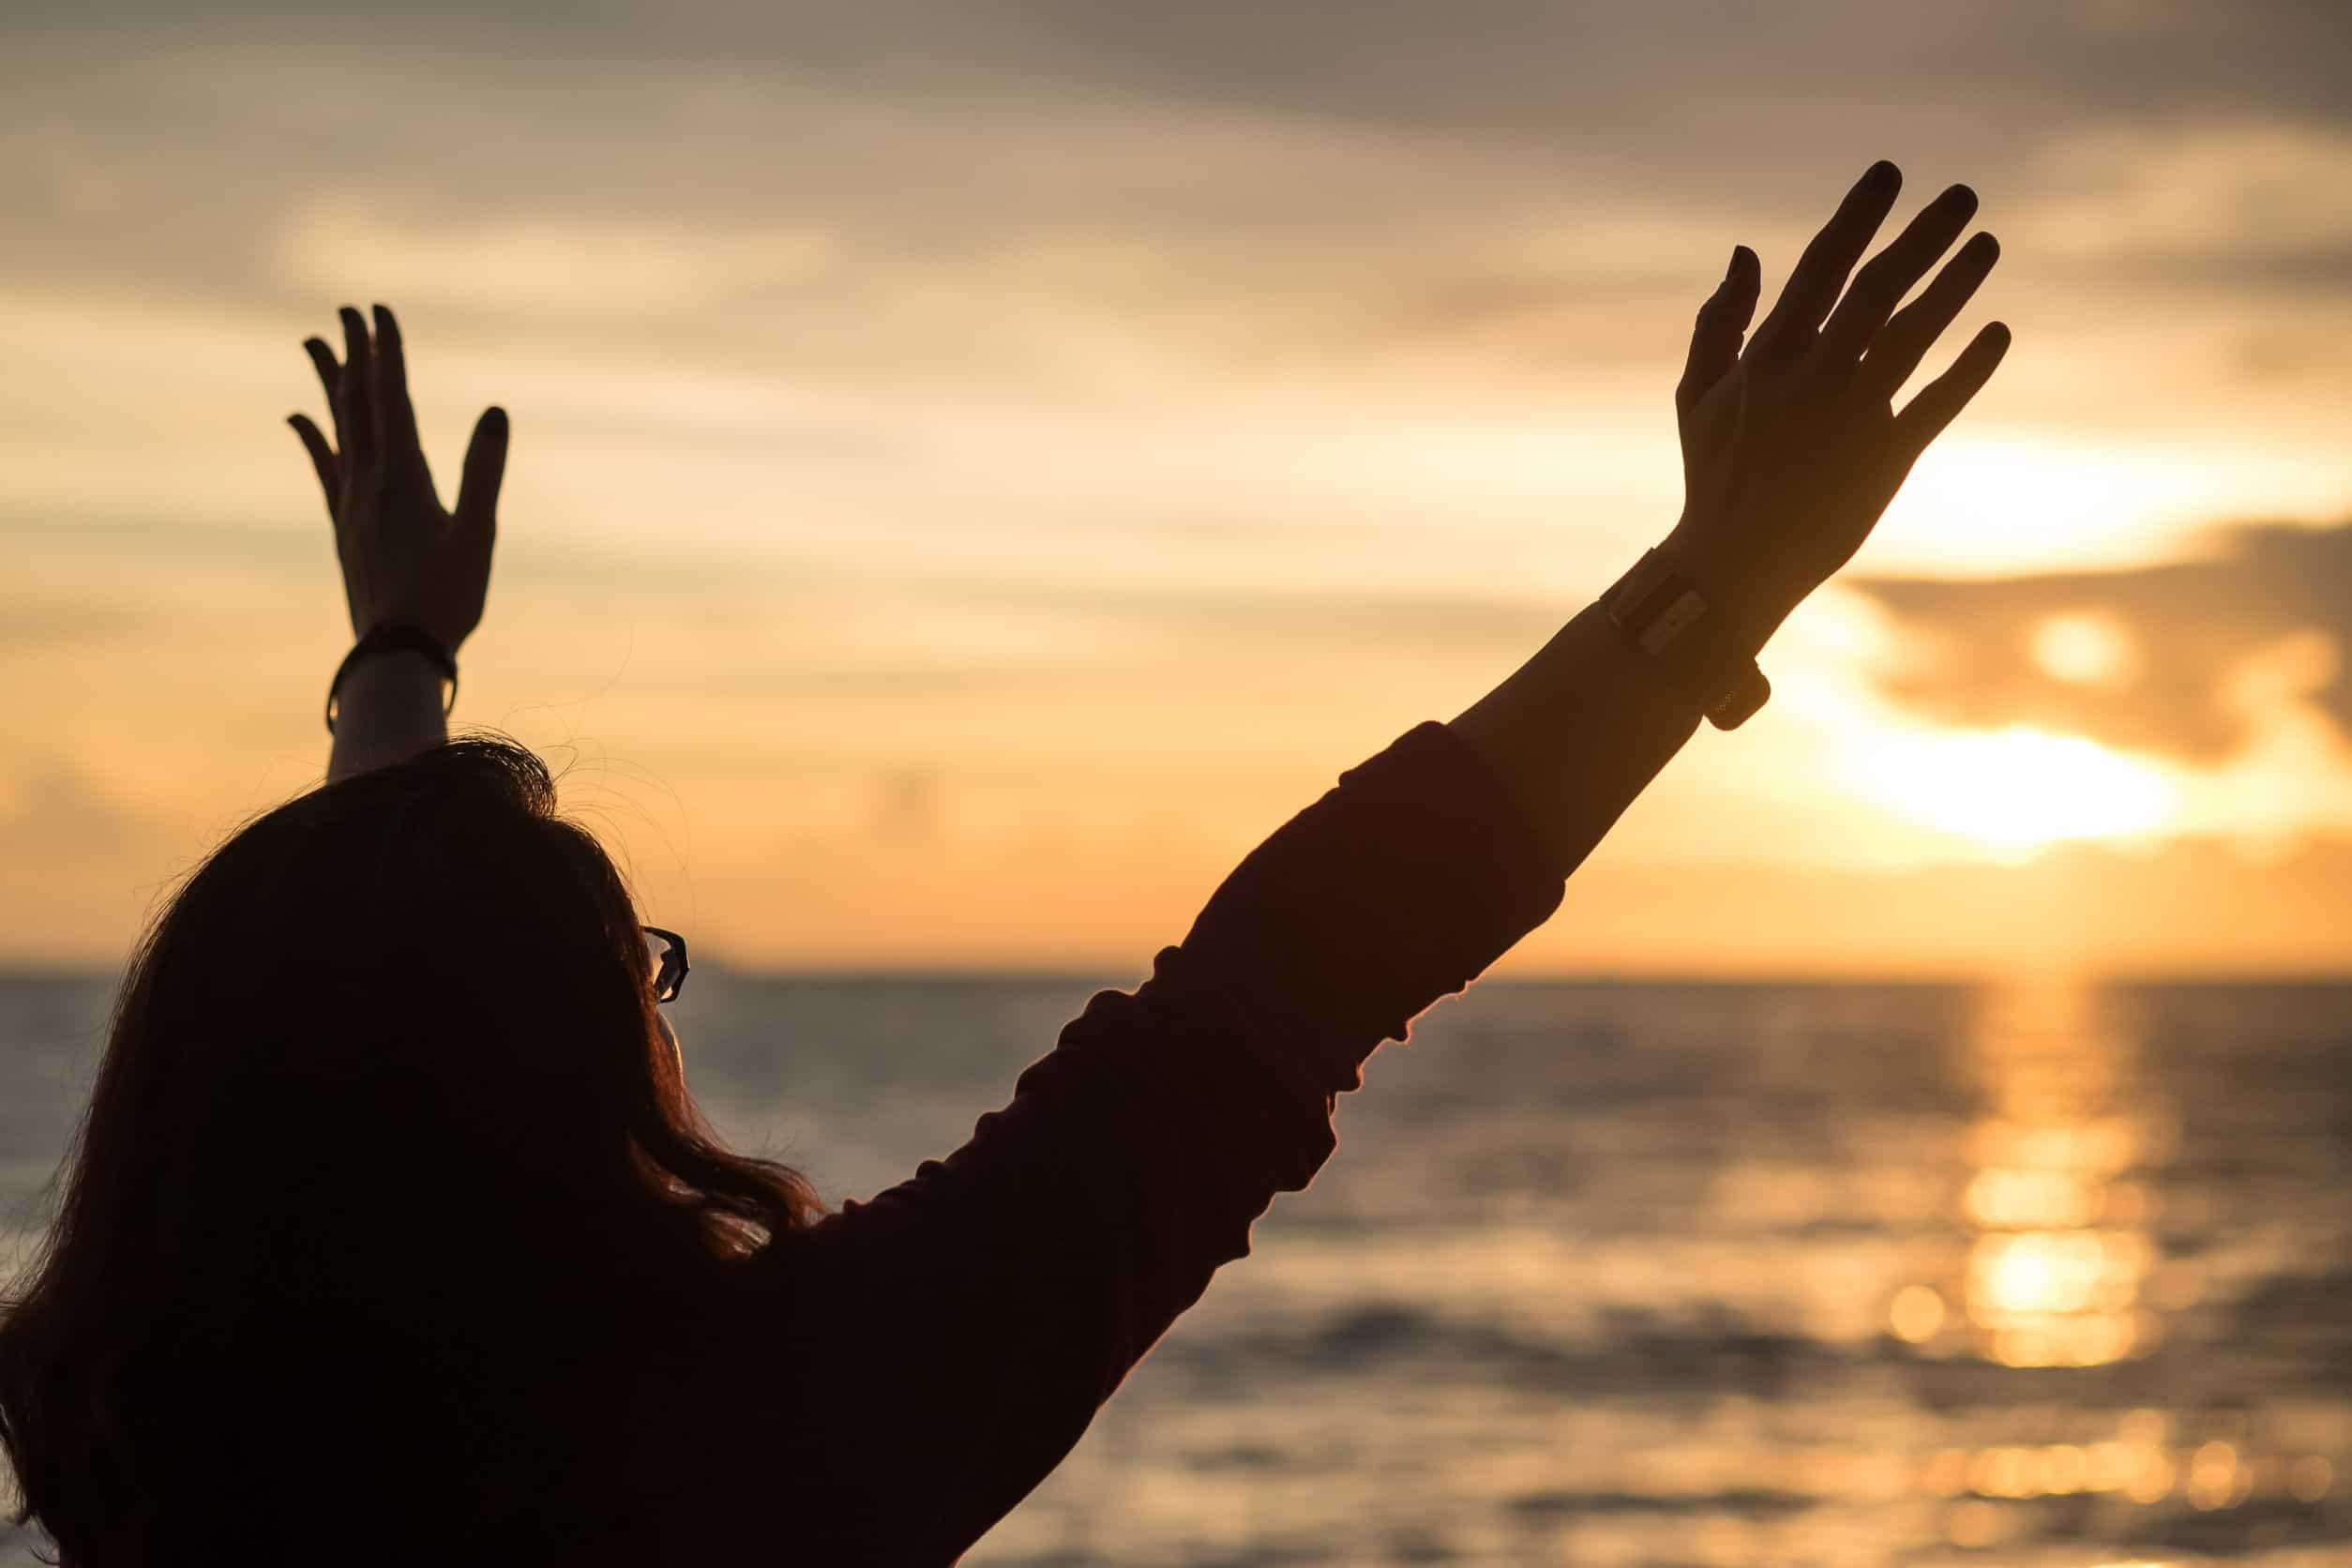 imagem de silhueta de uma mulher levantando as mãos para o céu no tempo do sol